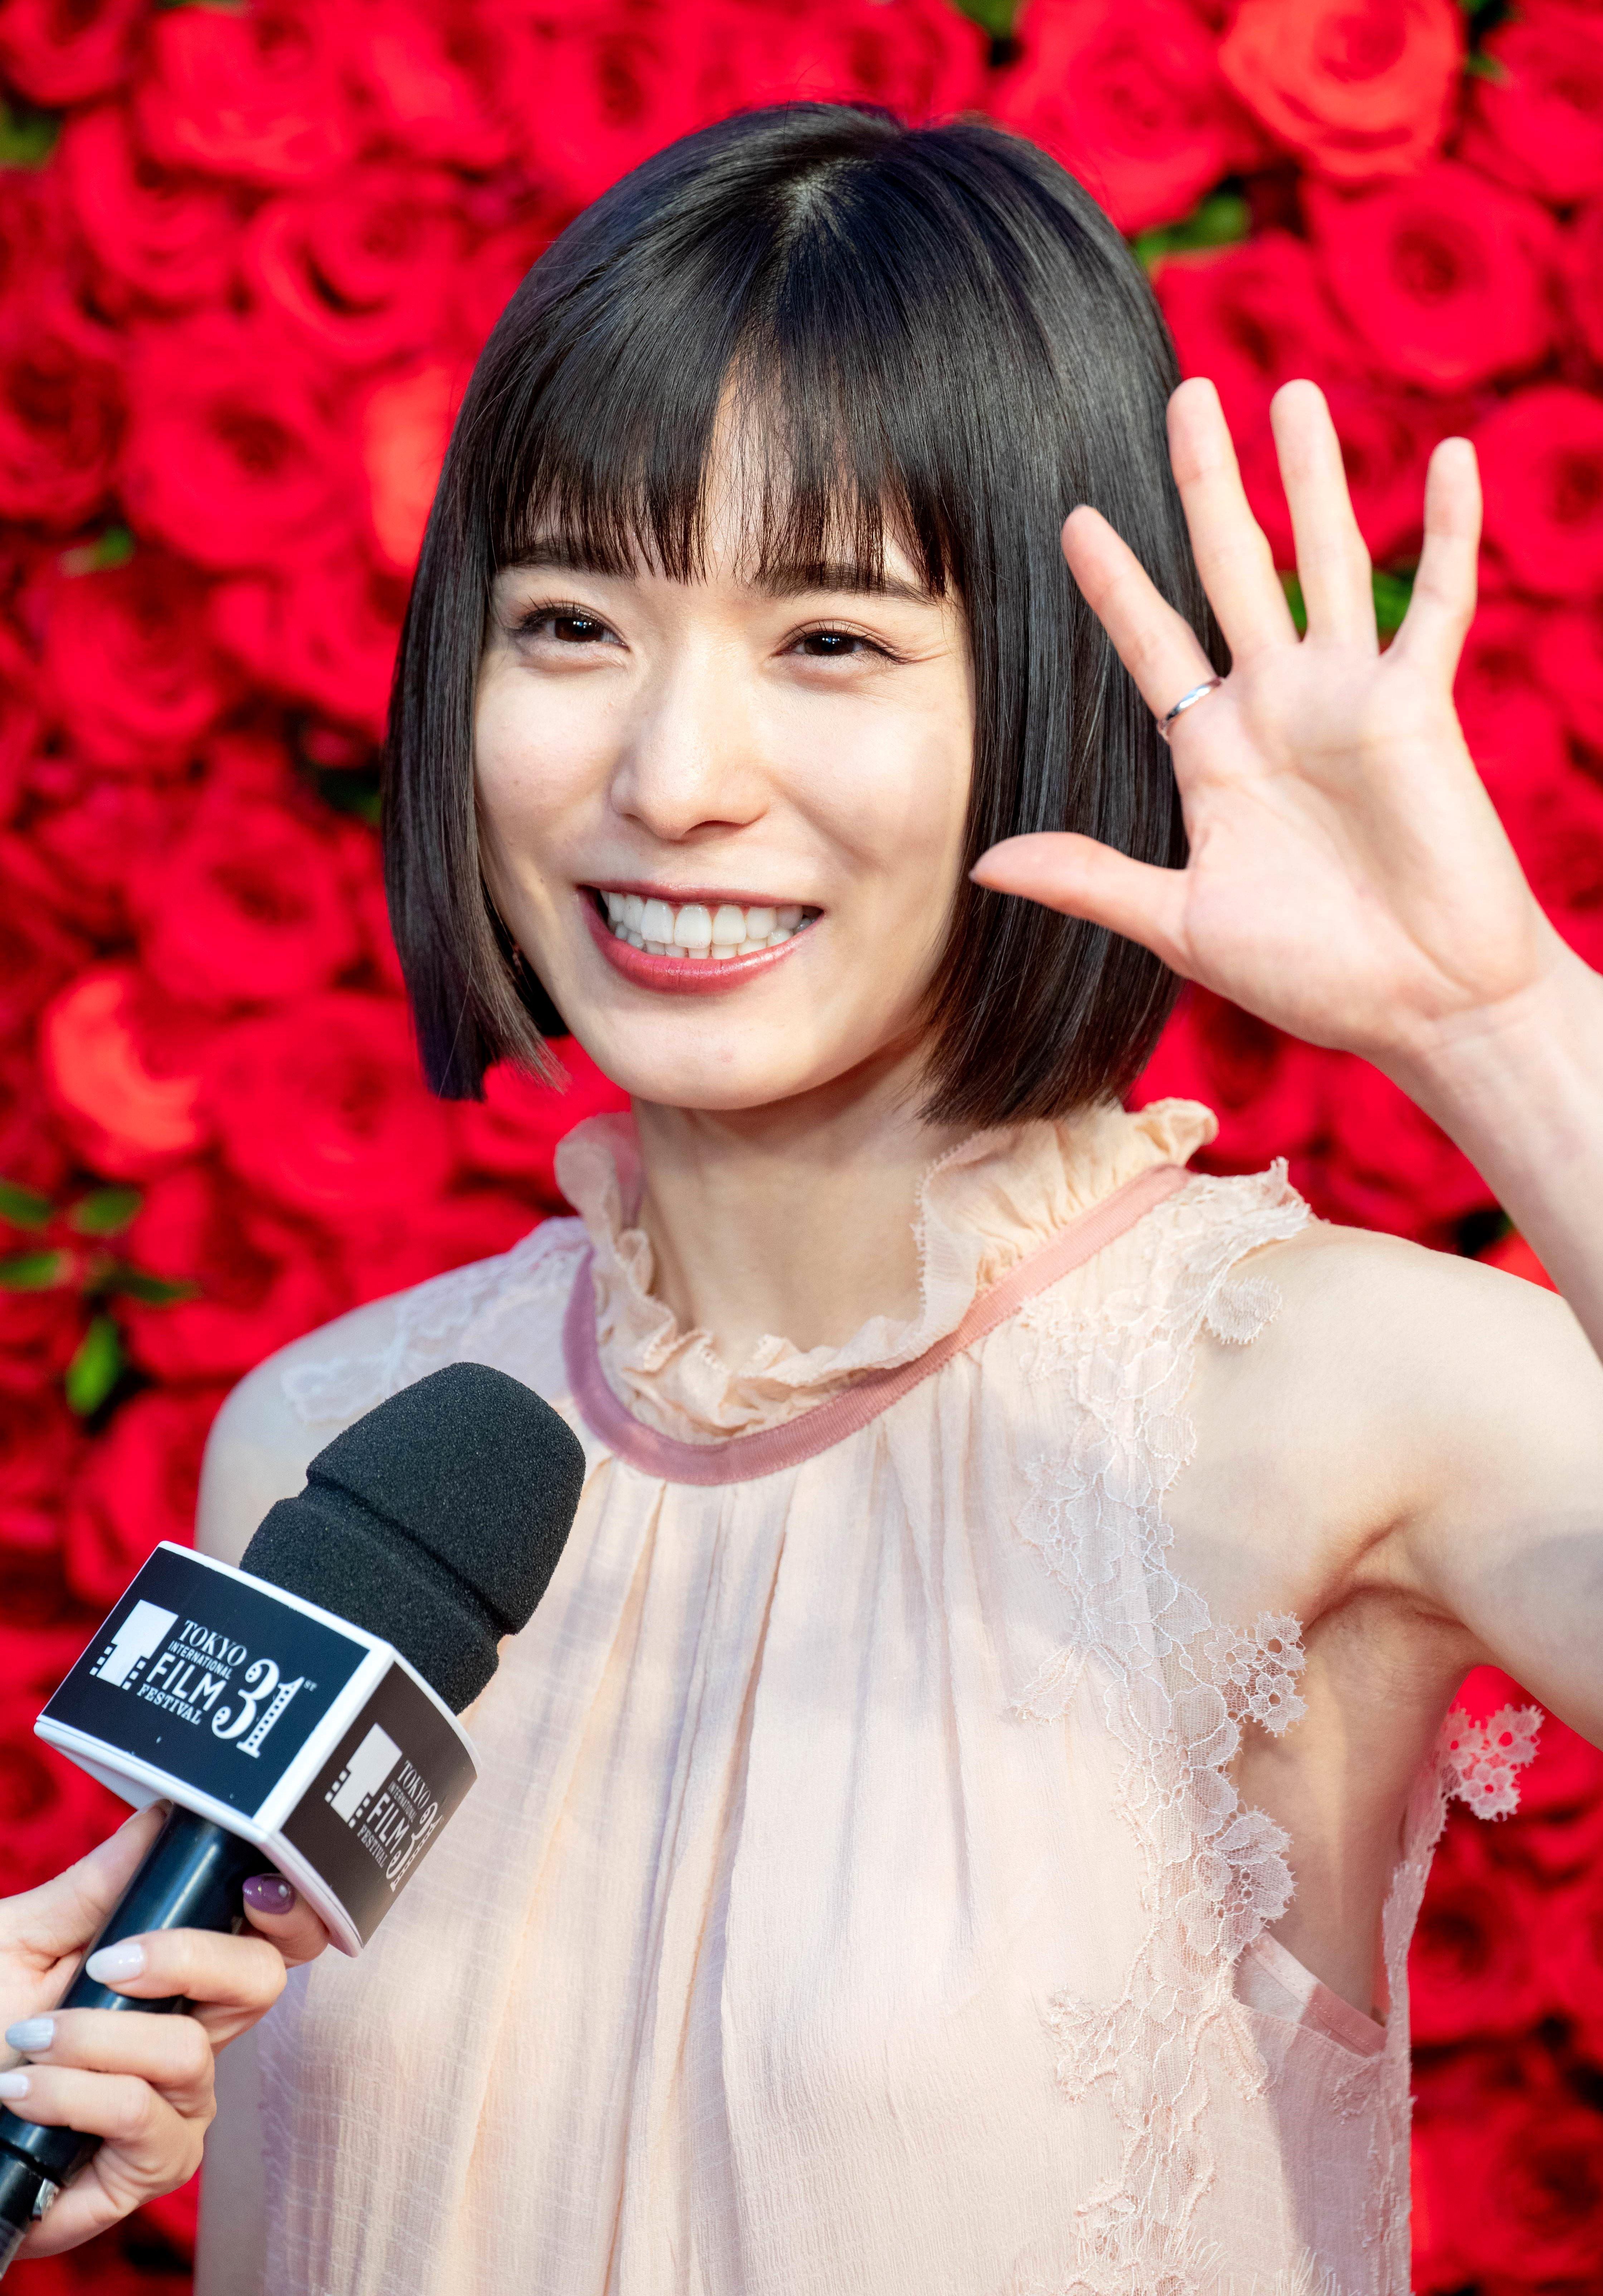 松岡茉優の高画質腋毛 (4)